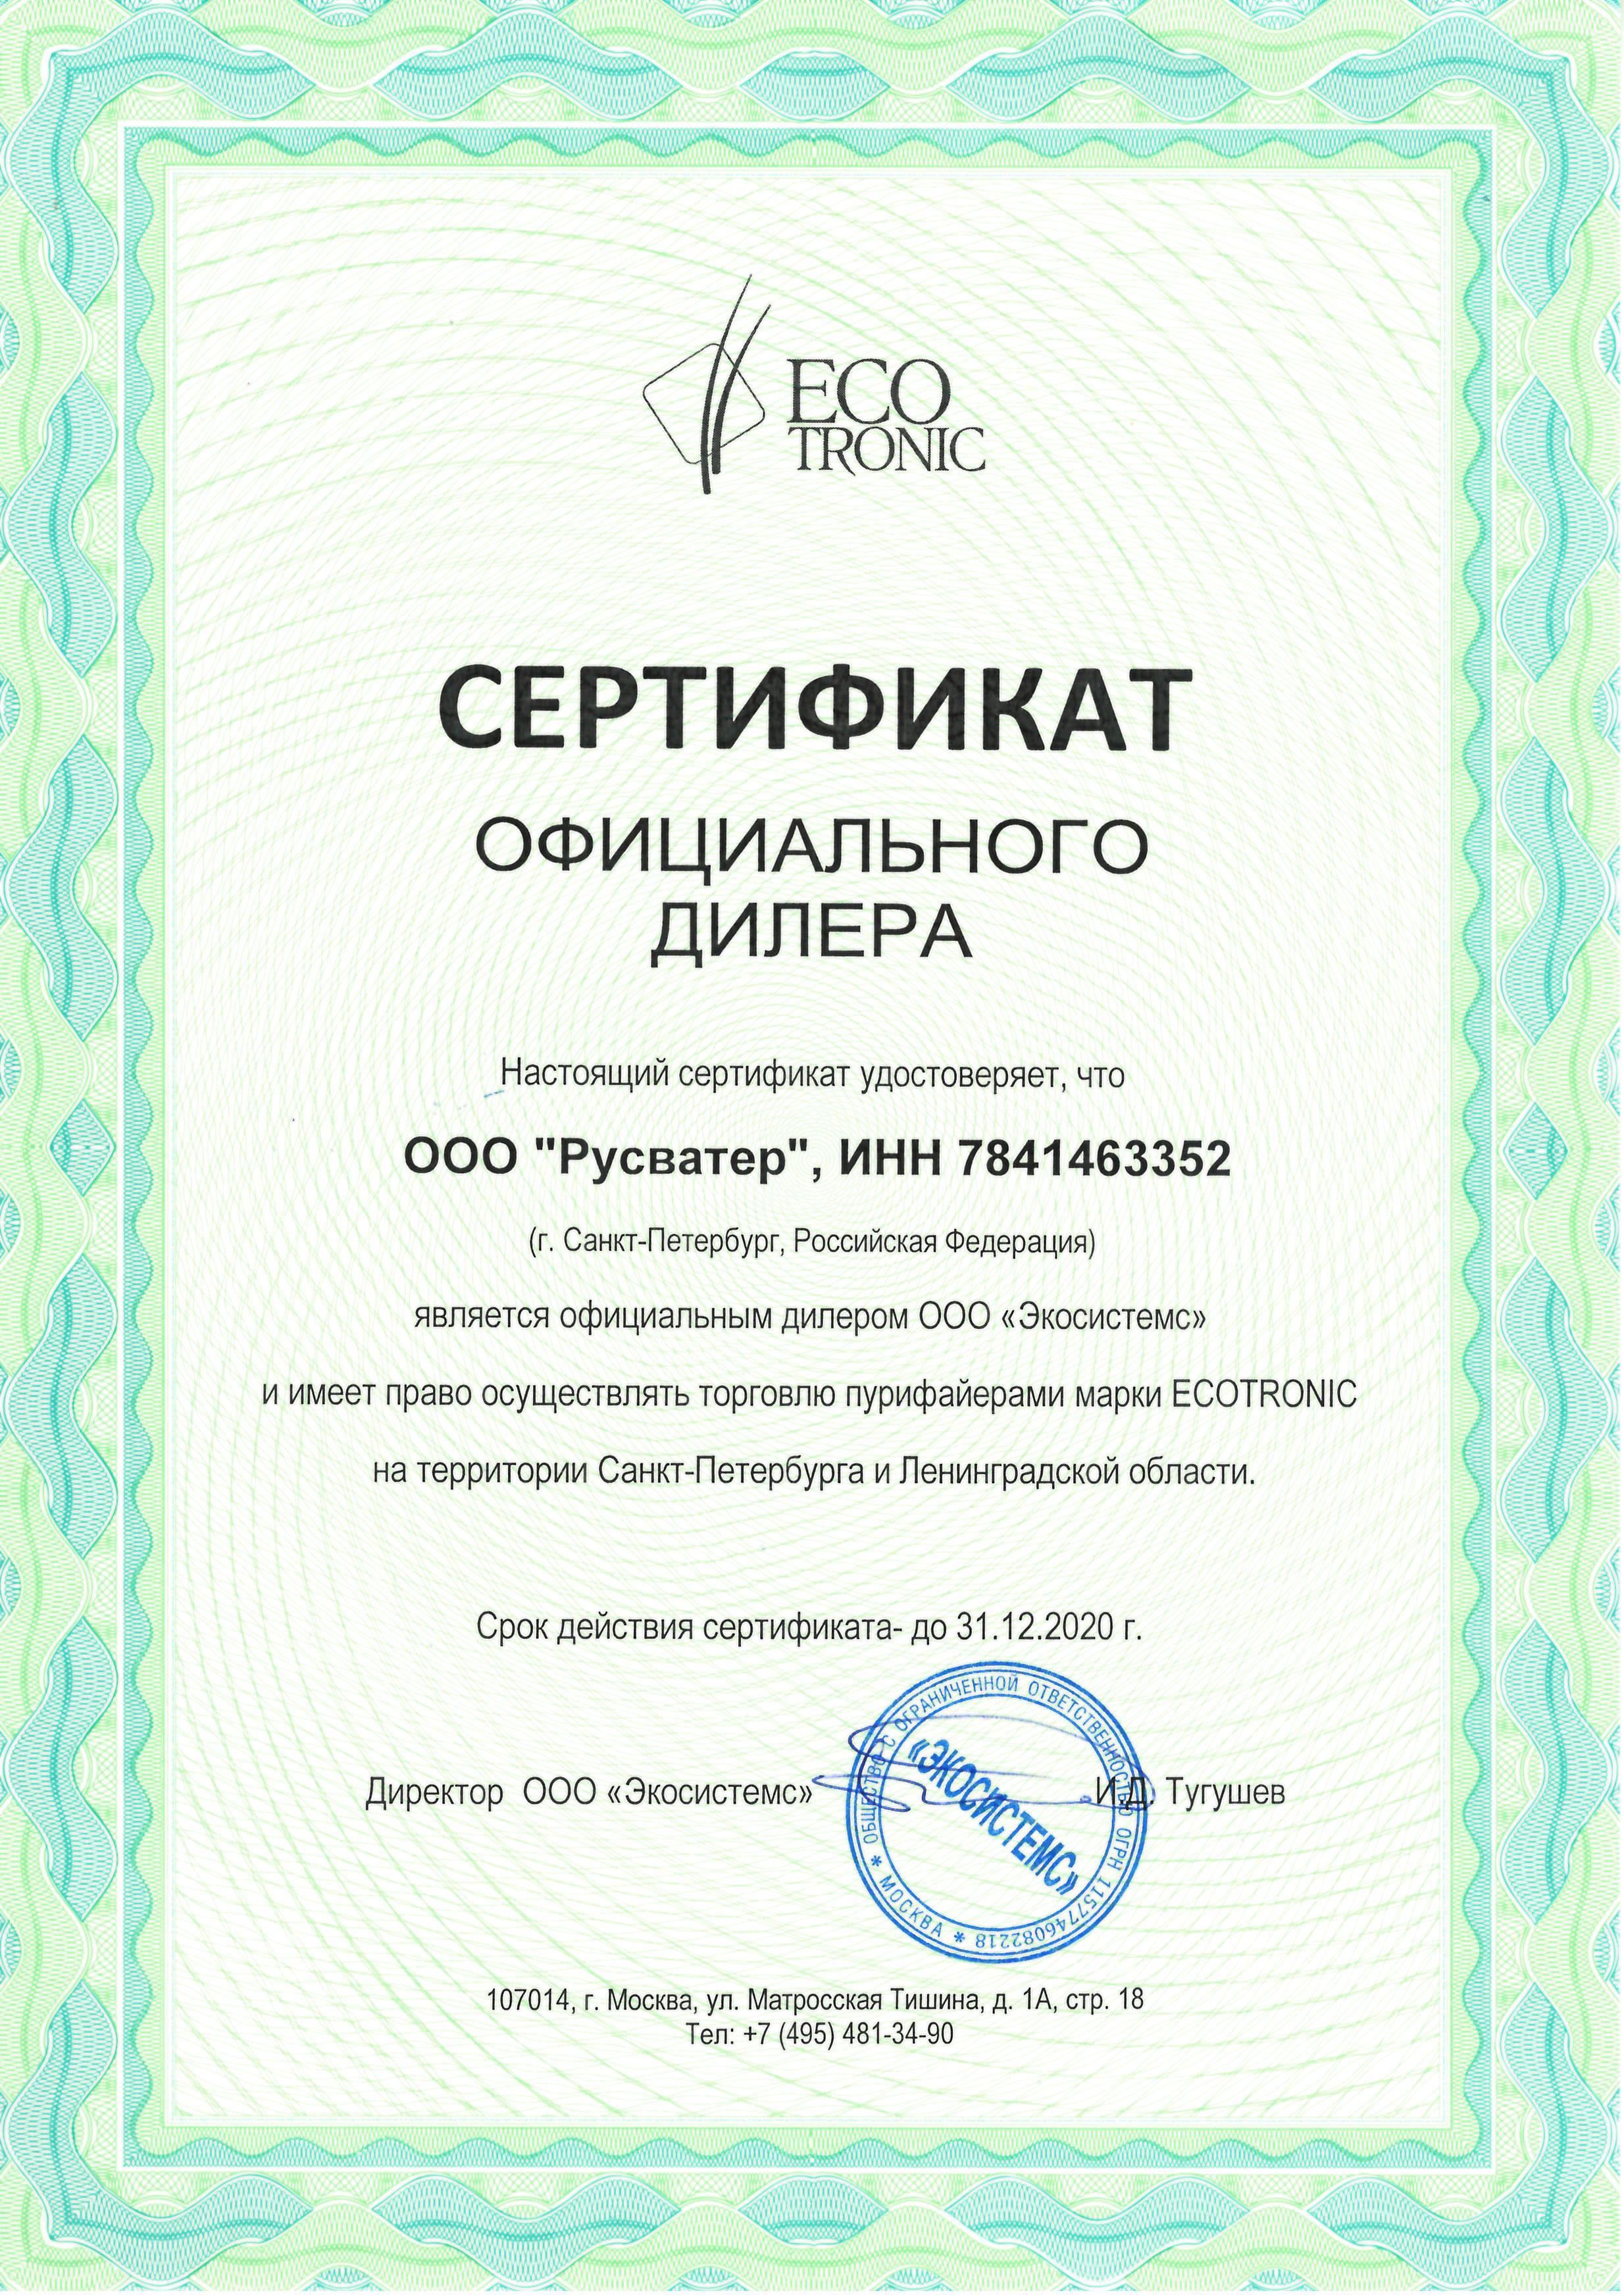 Сертификат официального дилера Ecotronic